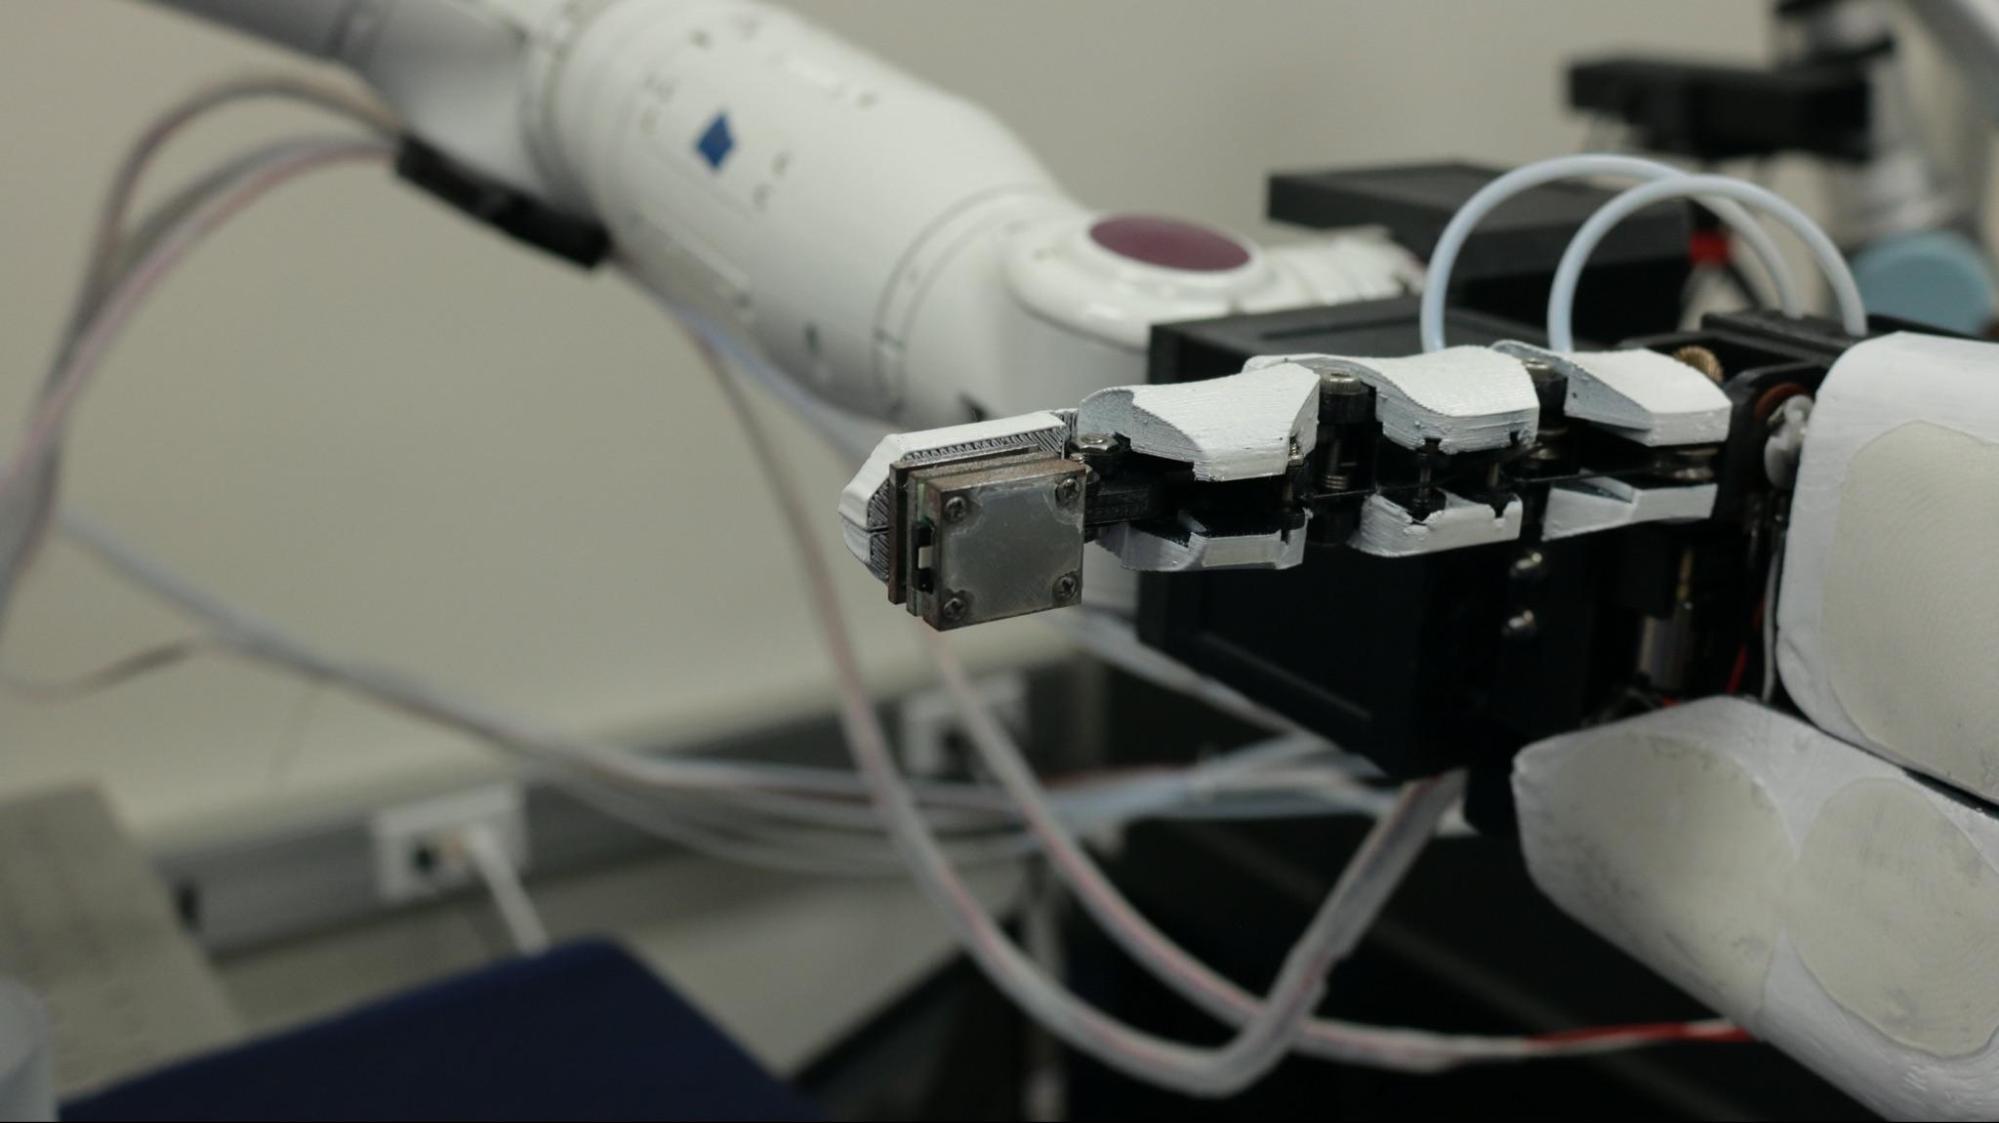 指尖的感測器能取得力量在x、y、z三軸的大小,實現人類的觸覺感受。